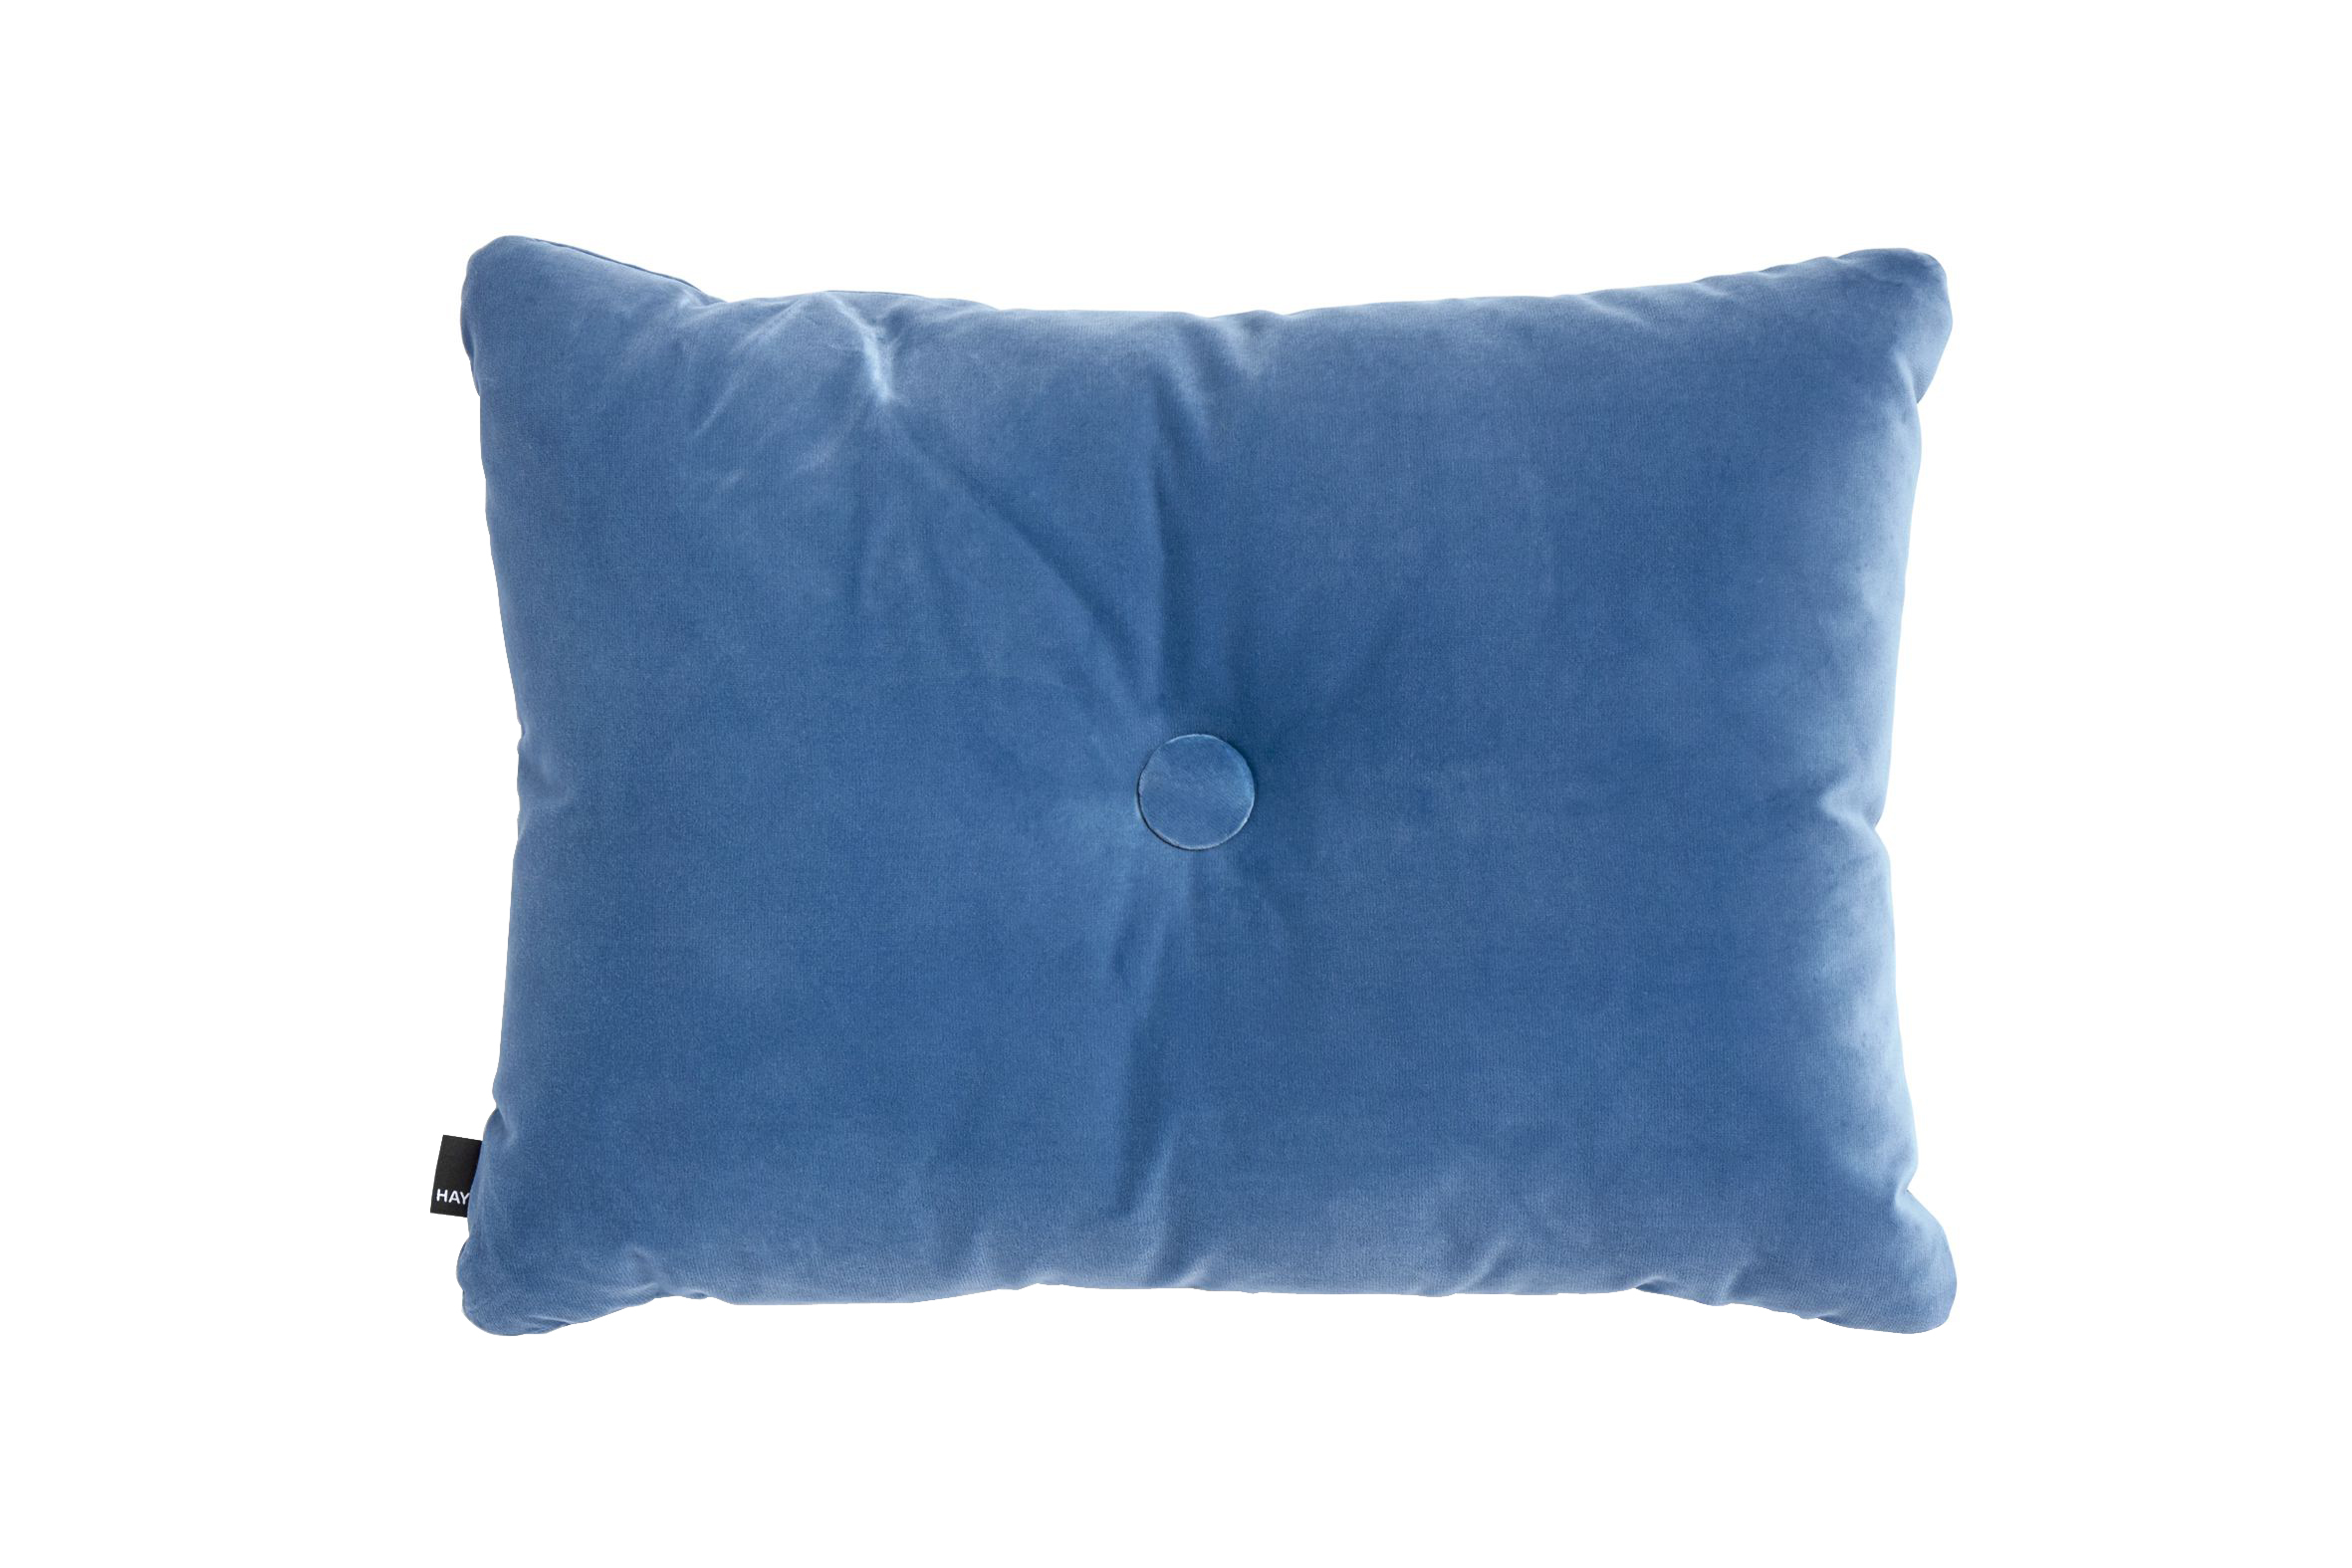 HAY - Dot Cushion Soft - Blue (507297)